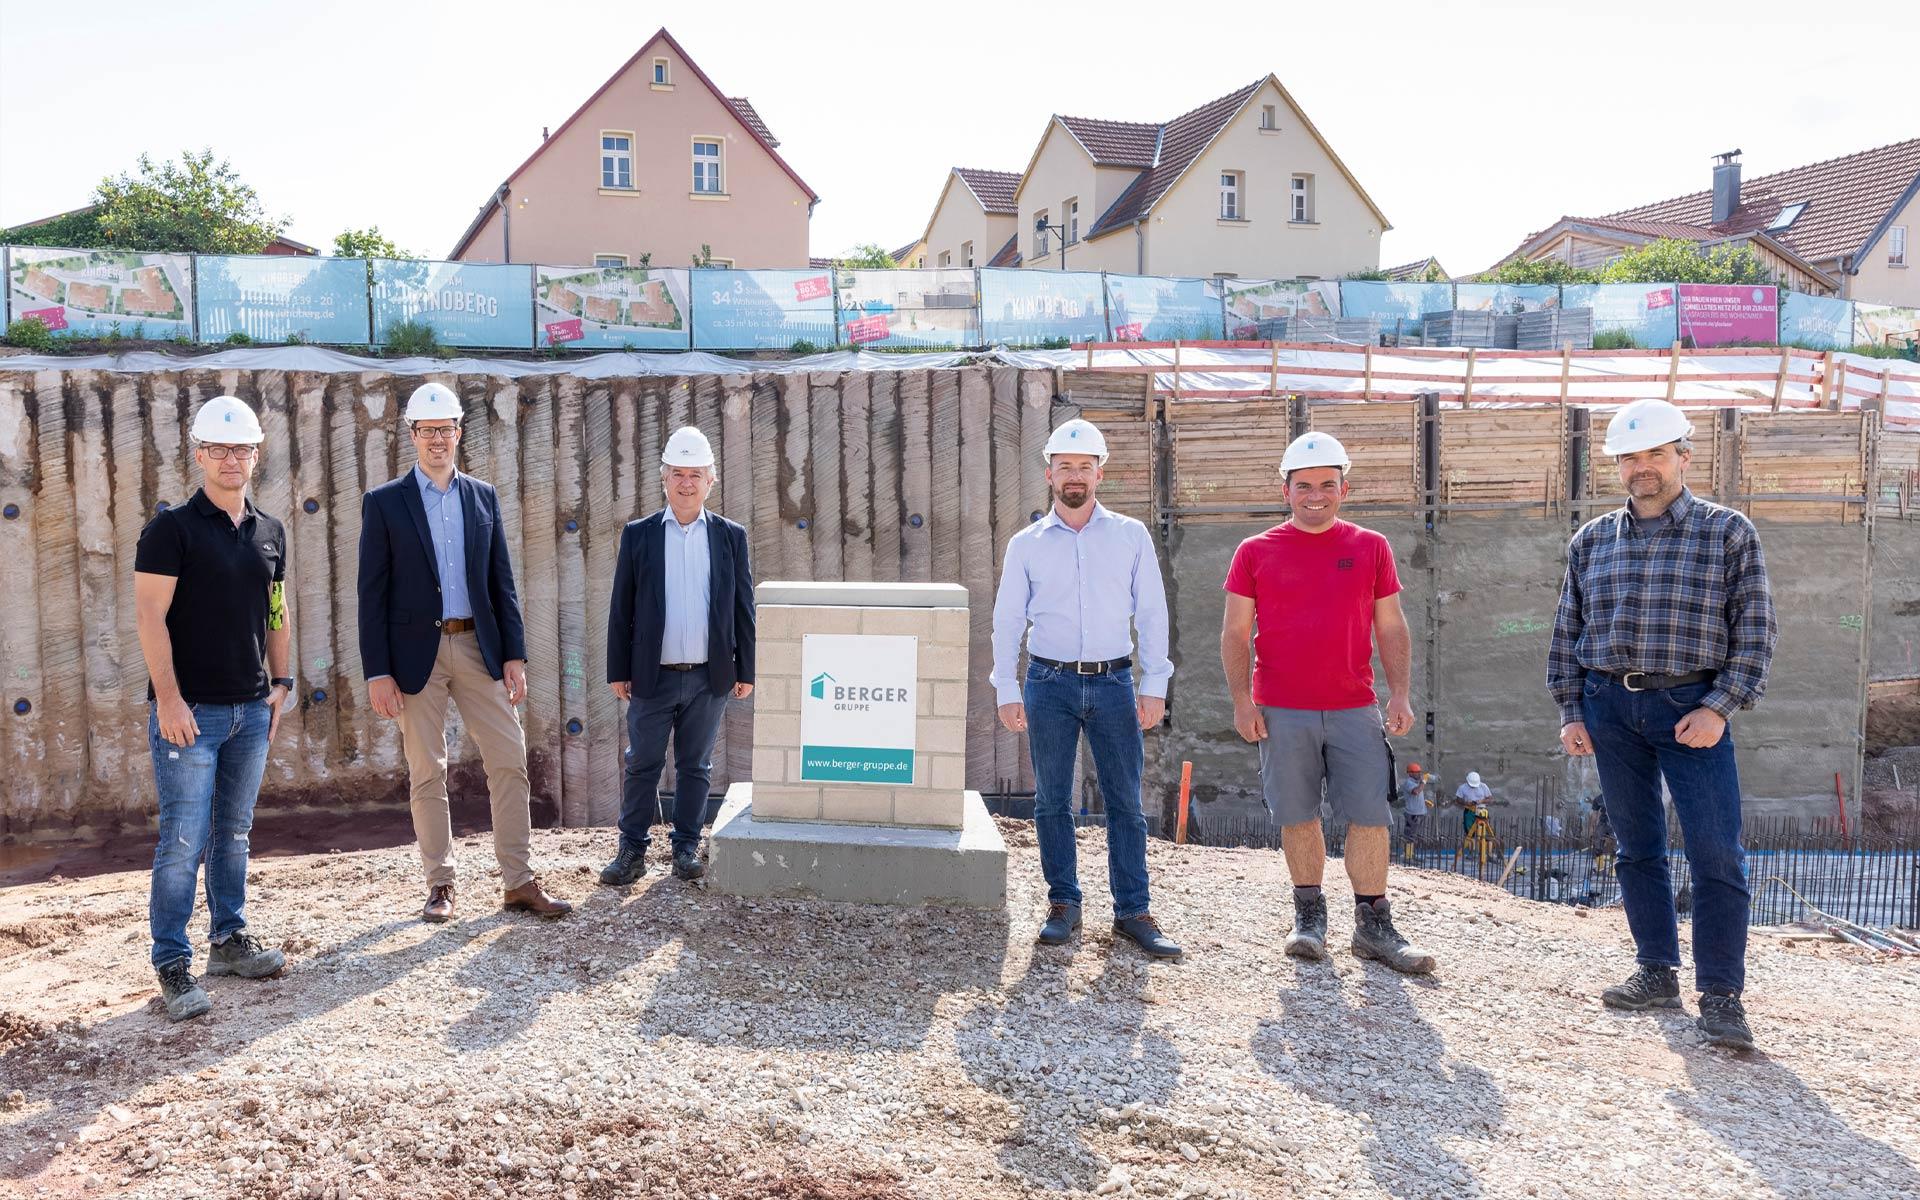 Grundsteinlegung für das Projekt »Am Kinoberg« erfolgt | BERGER GRUPPE